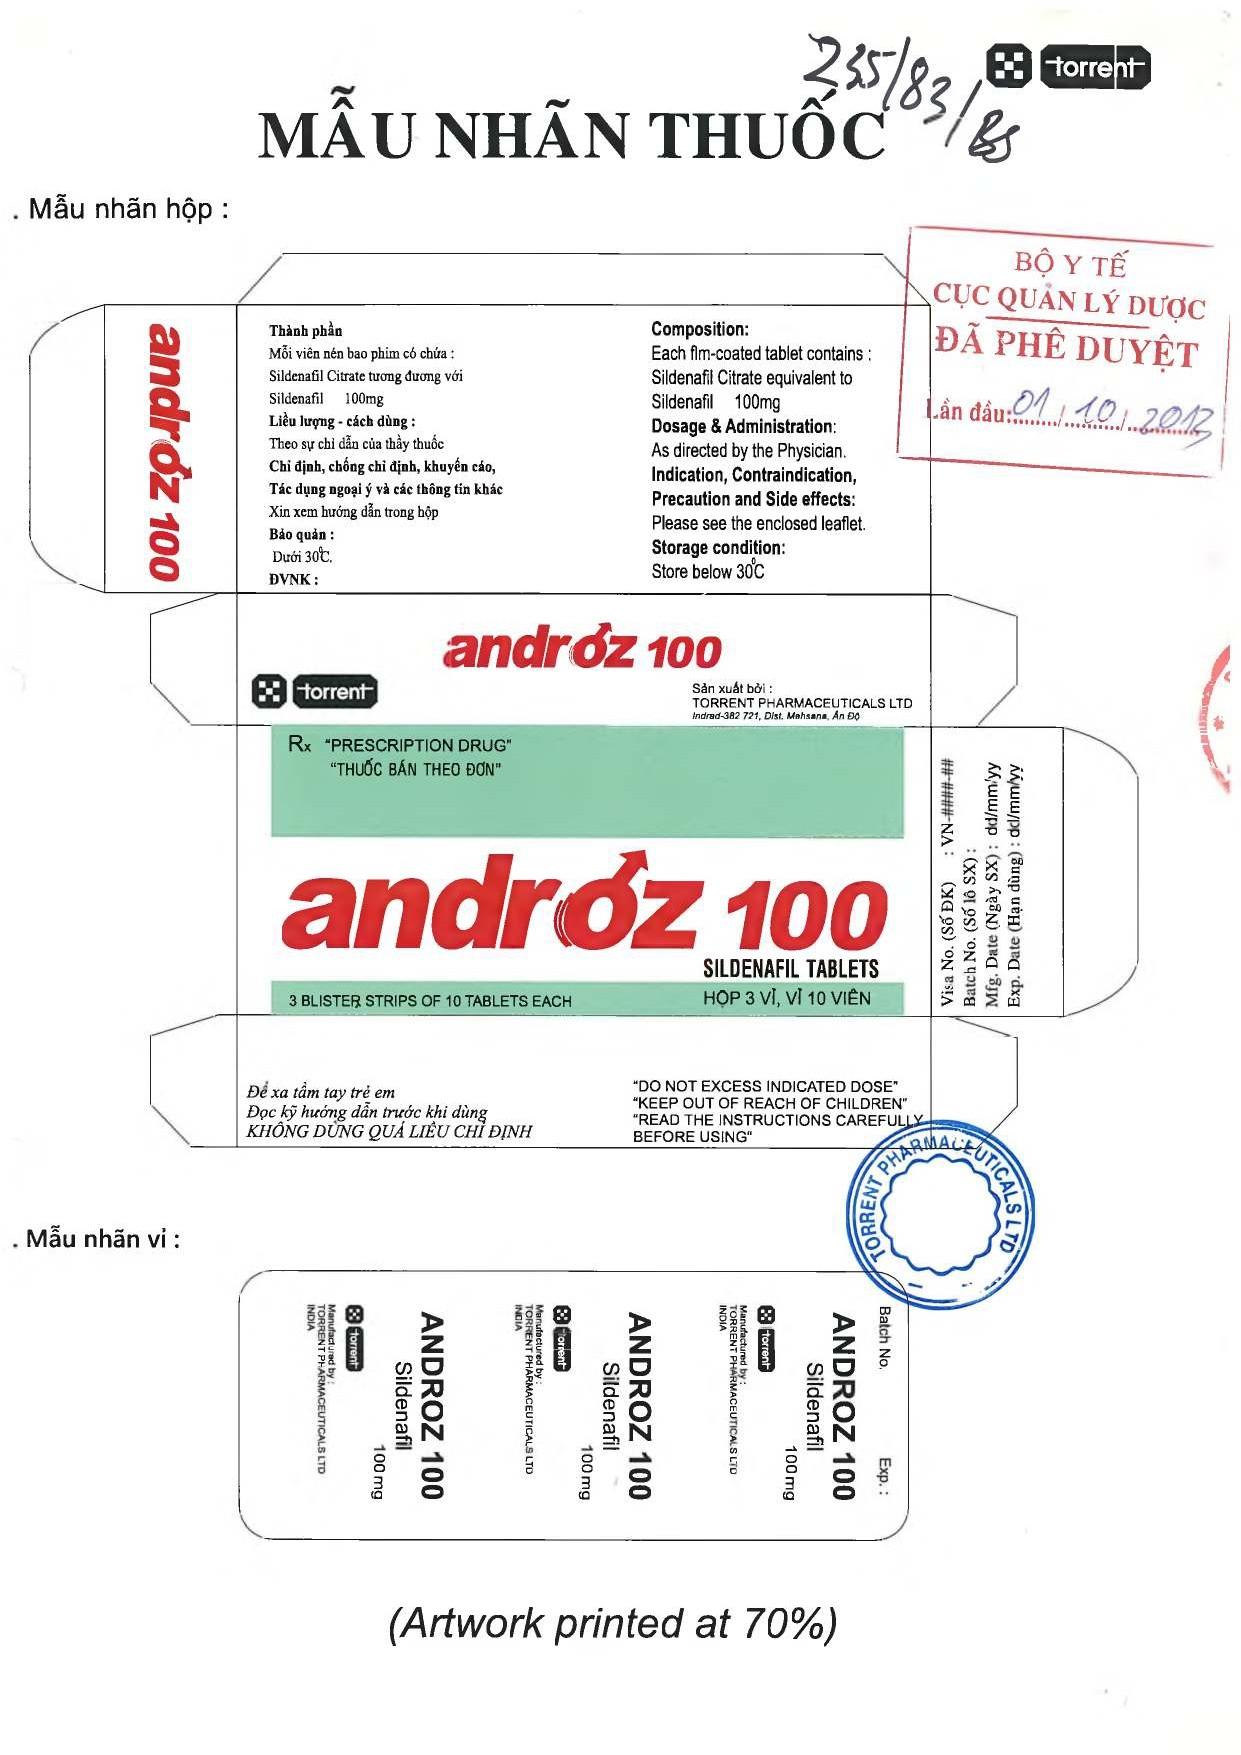 Mẫu nhận dạng thuốc Androz 100 chính hãng